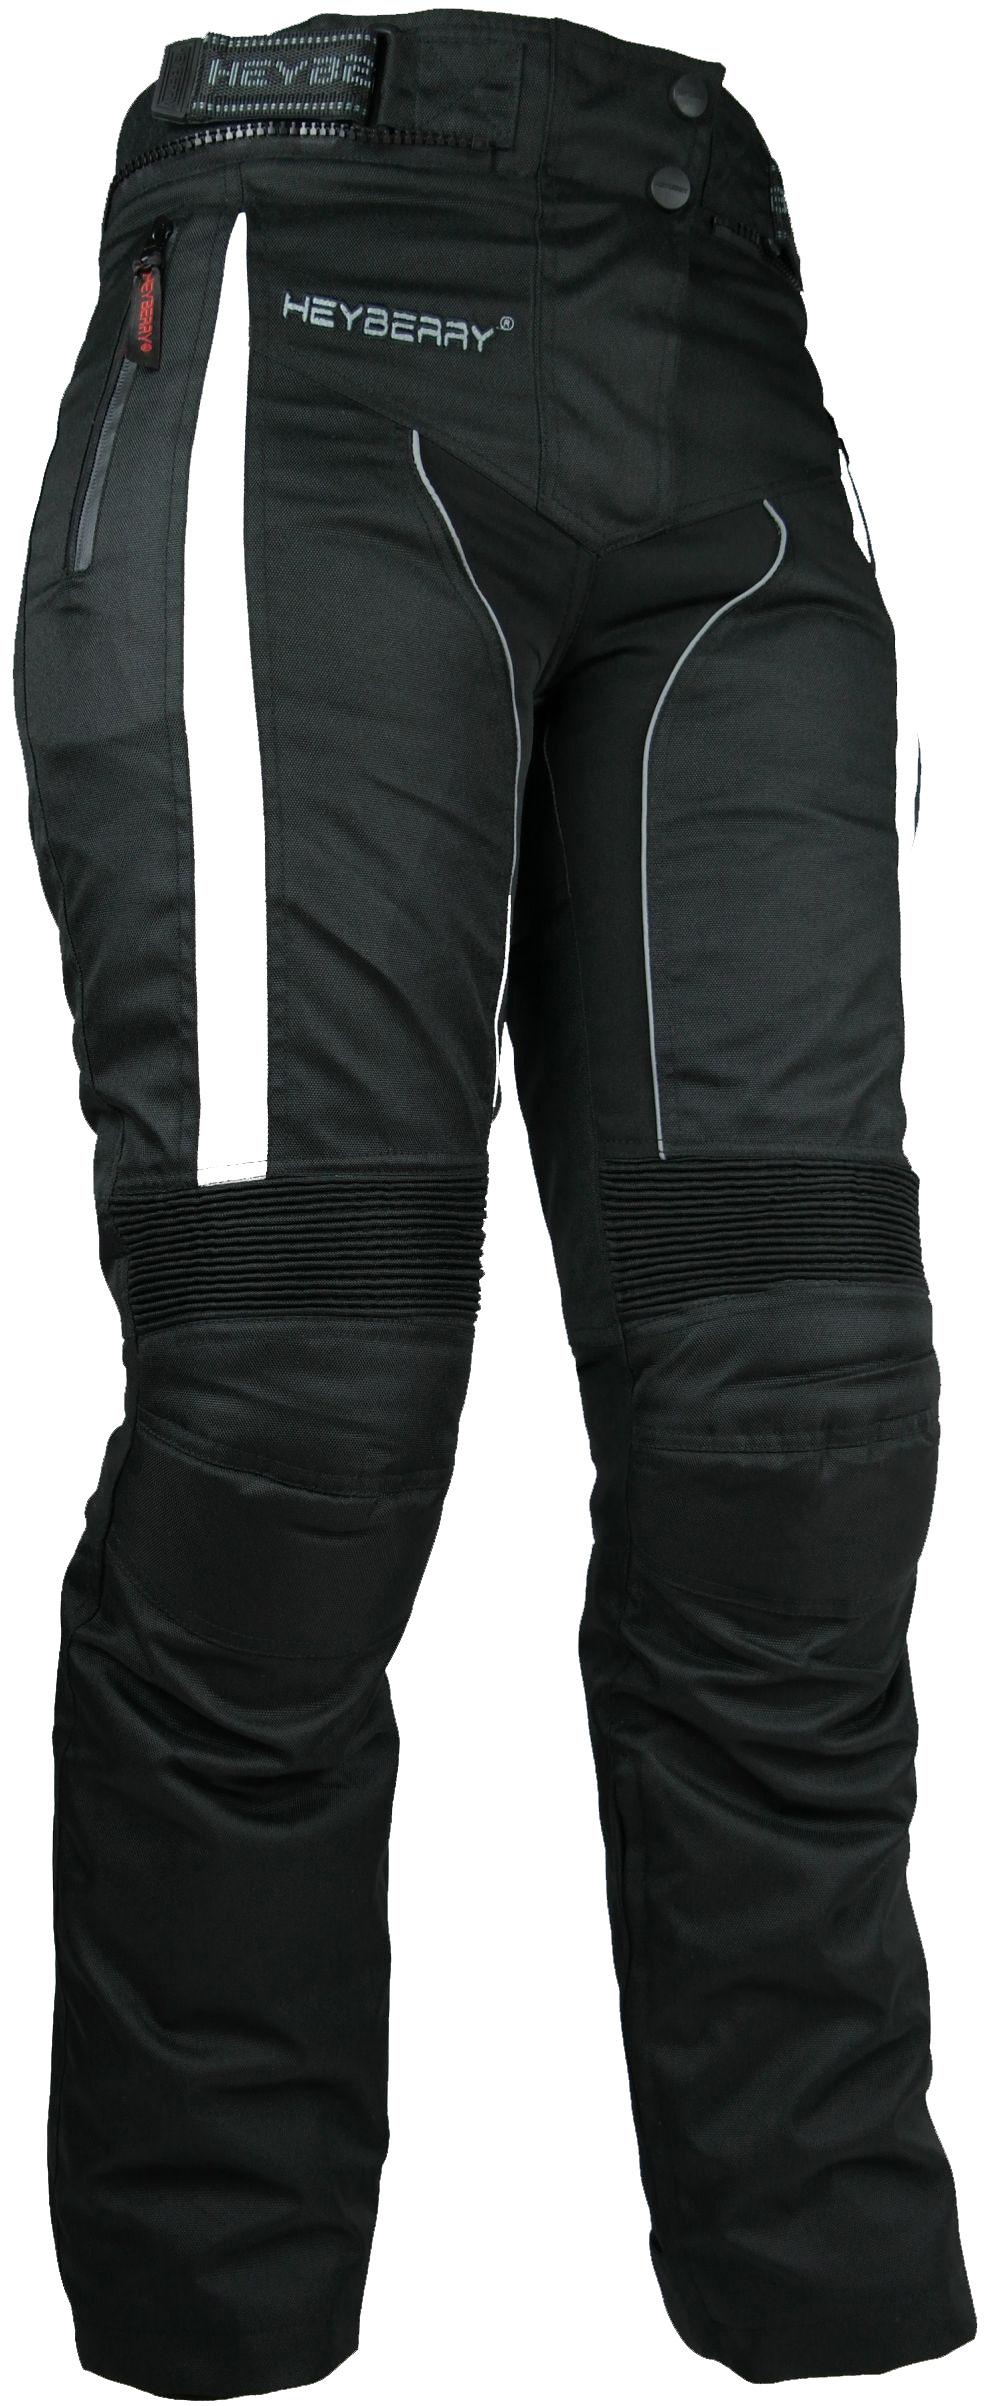 Heyberry Damen Motorradhose sportlich Textil Schwarz Weiß Gr. S - XXL